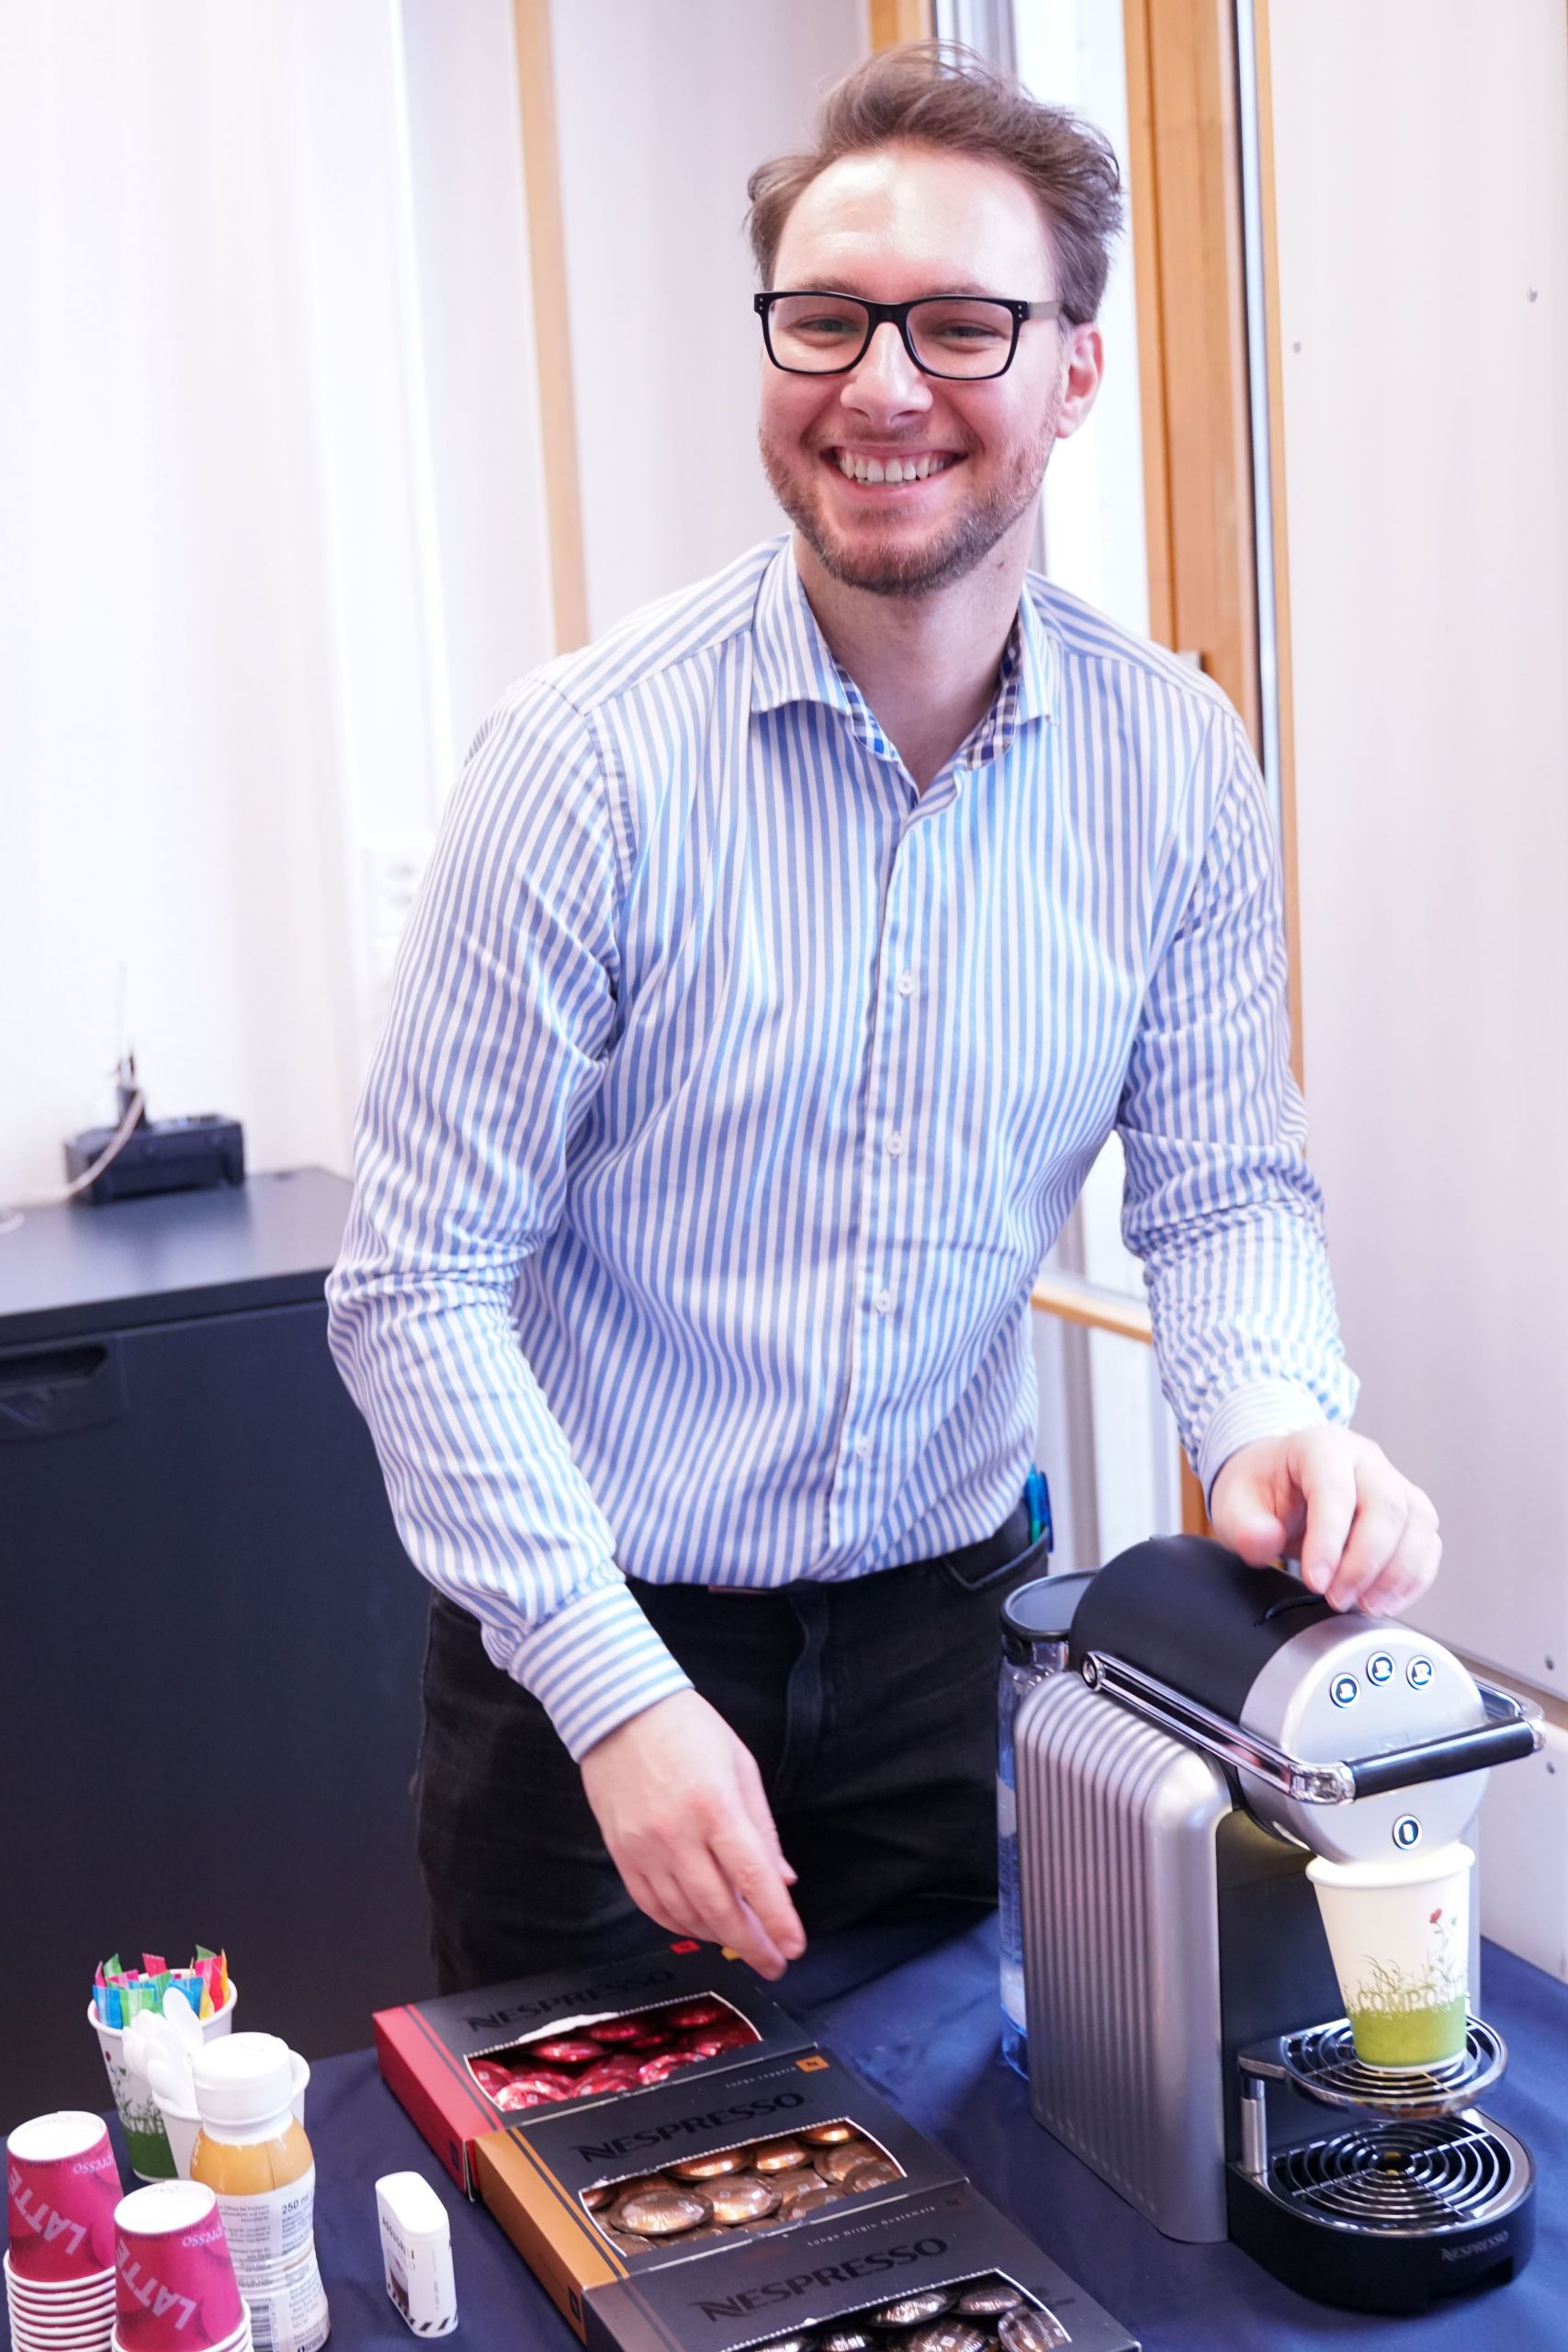 Mann steht lächelnd hinter einer Nespresso Maschine